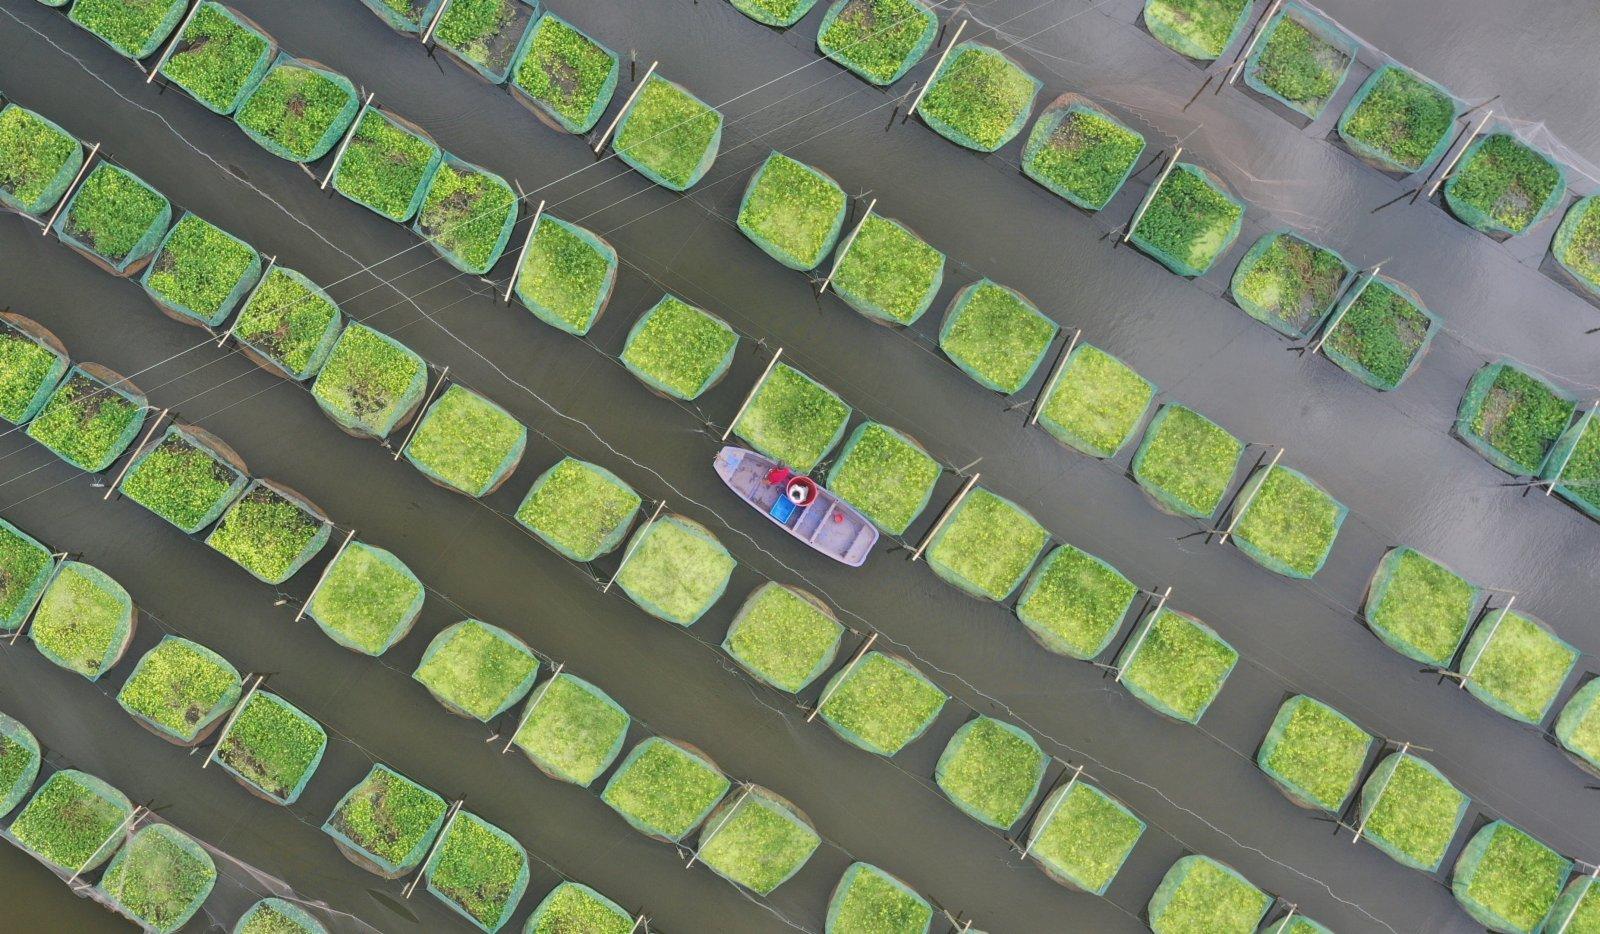 6月15日,在湖南省衡陽市衡南縣向陽橋街道天竺村,村民給鱔魚投喂餌料(無人機照片)。(新華社)